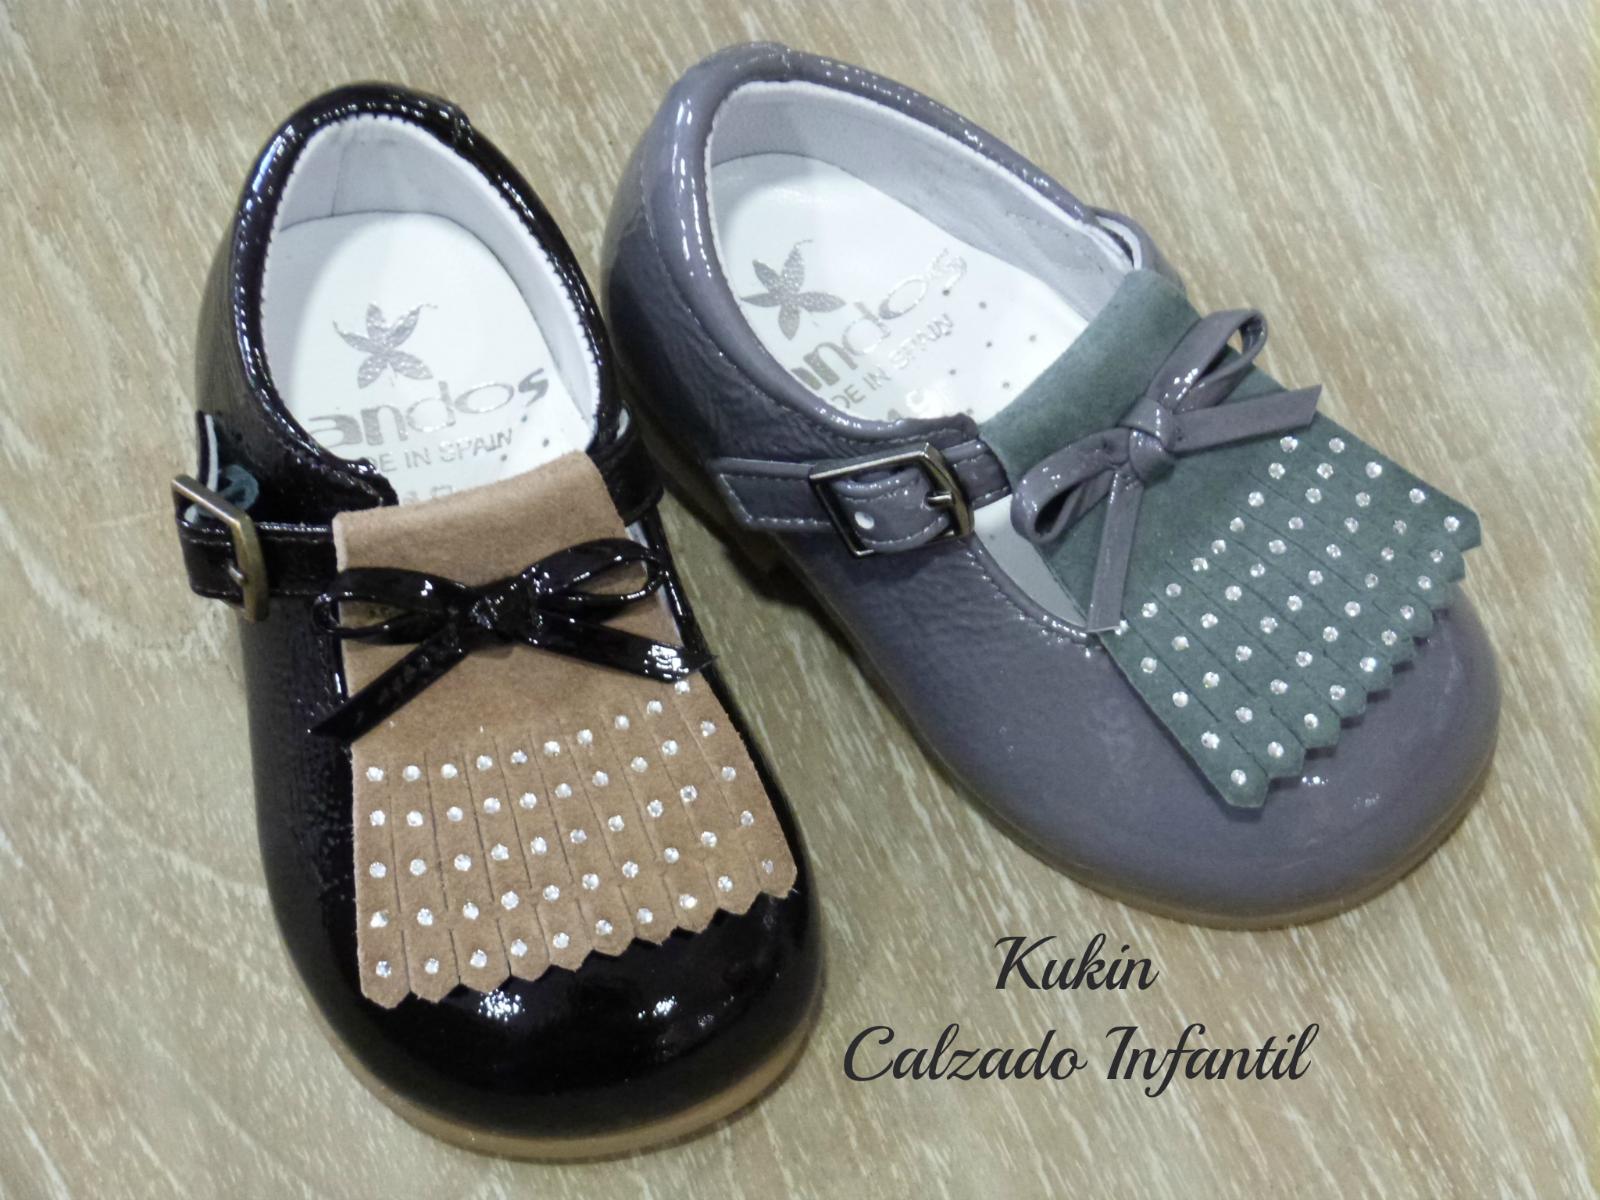 calzado infantil zapatos Landos